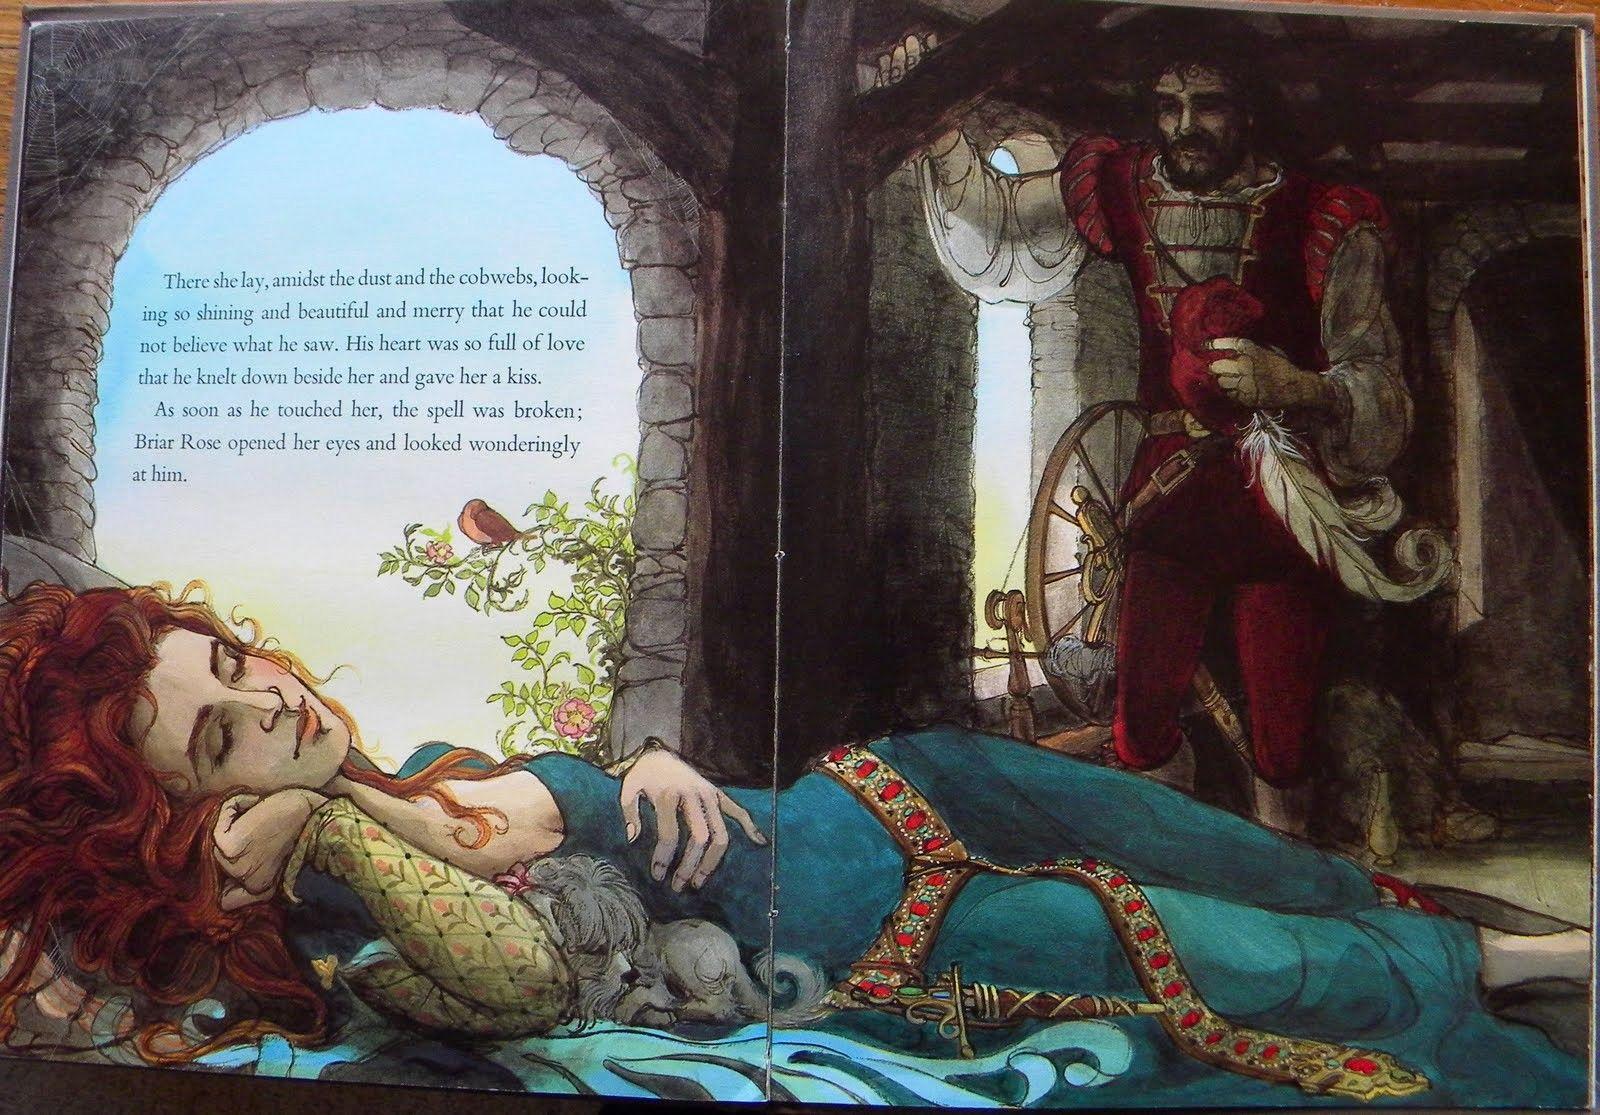 десятилетия спящая царевна перро картинки глина была влажной